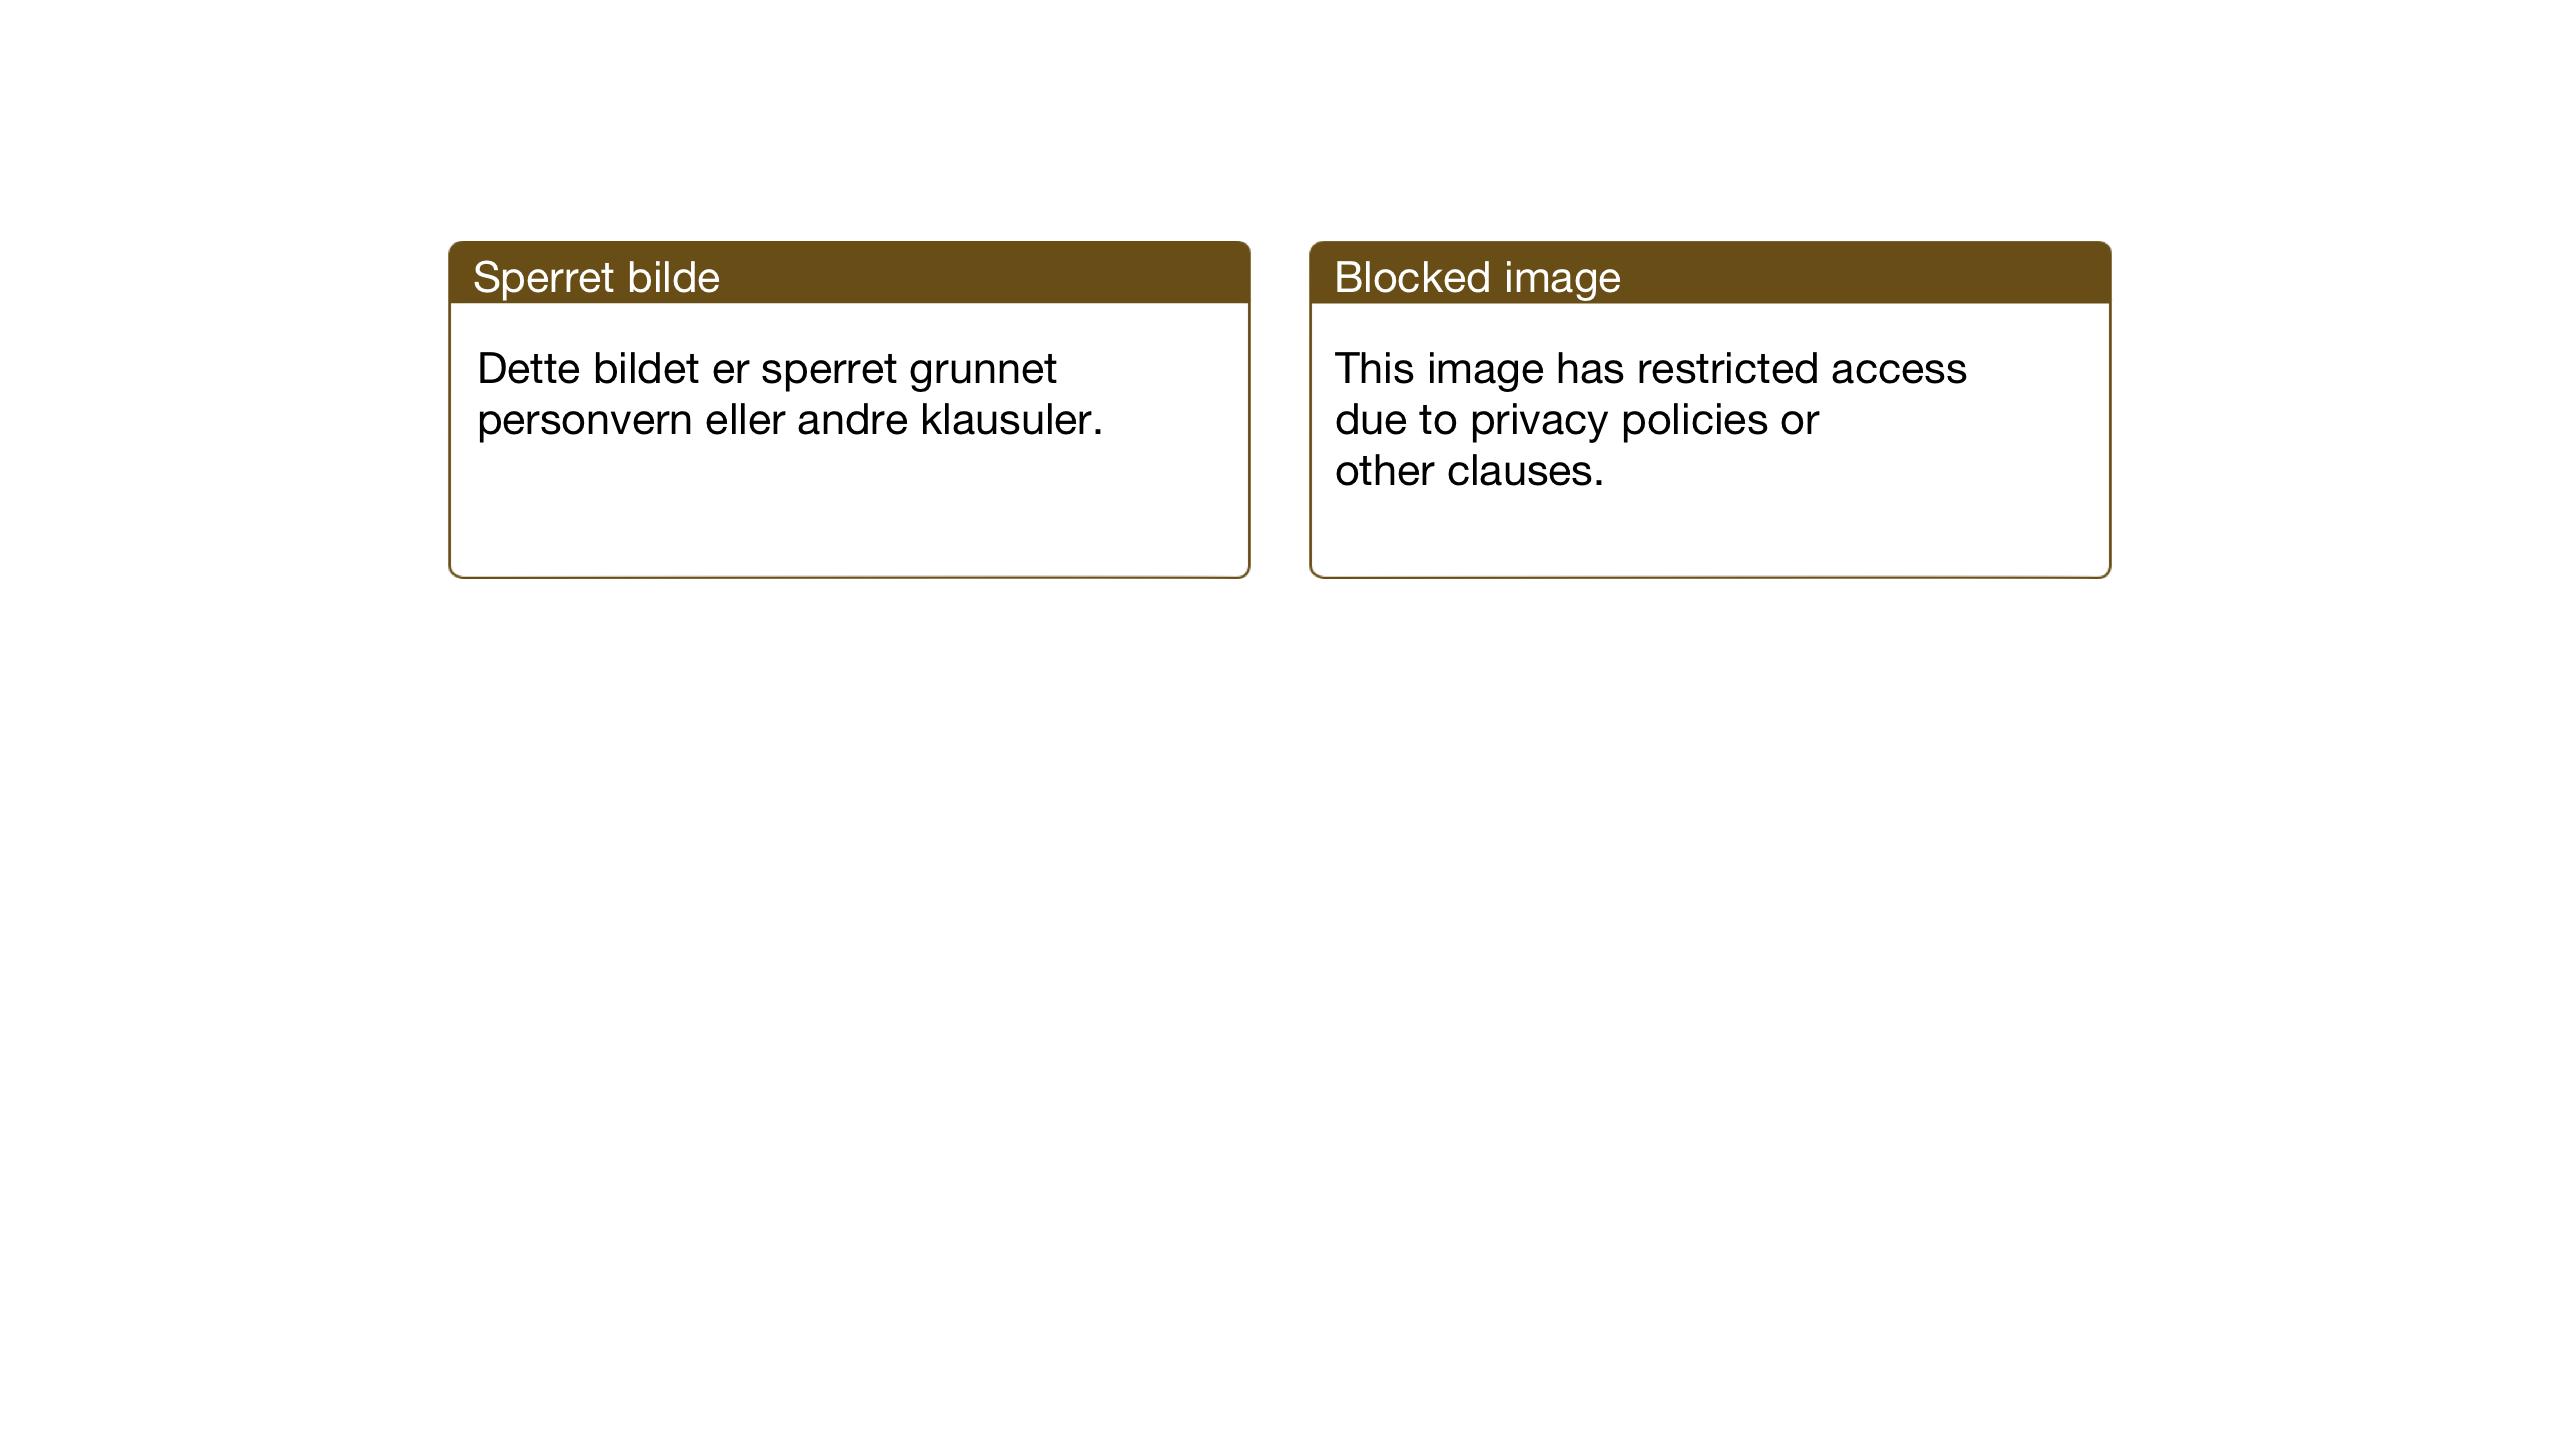 SAT, Ministerialprotokoller, klokkerbøker og fødselsregistre - Sør-Trøndelag, 686/L0986: Klokkerbok nr. 686C02, 1933-1950, s. 102